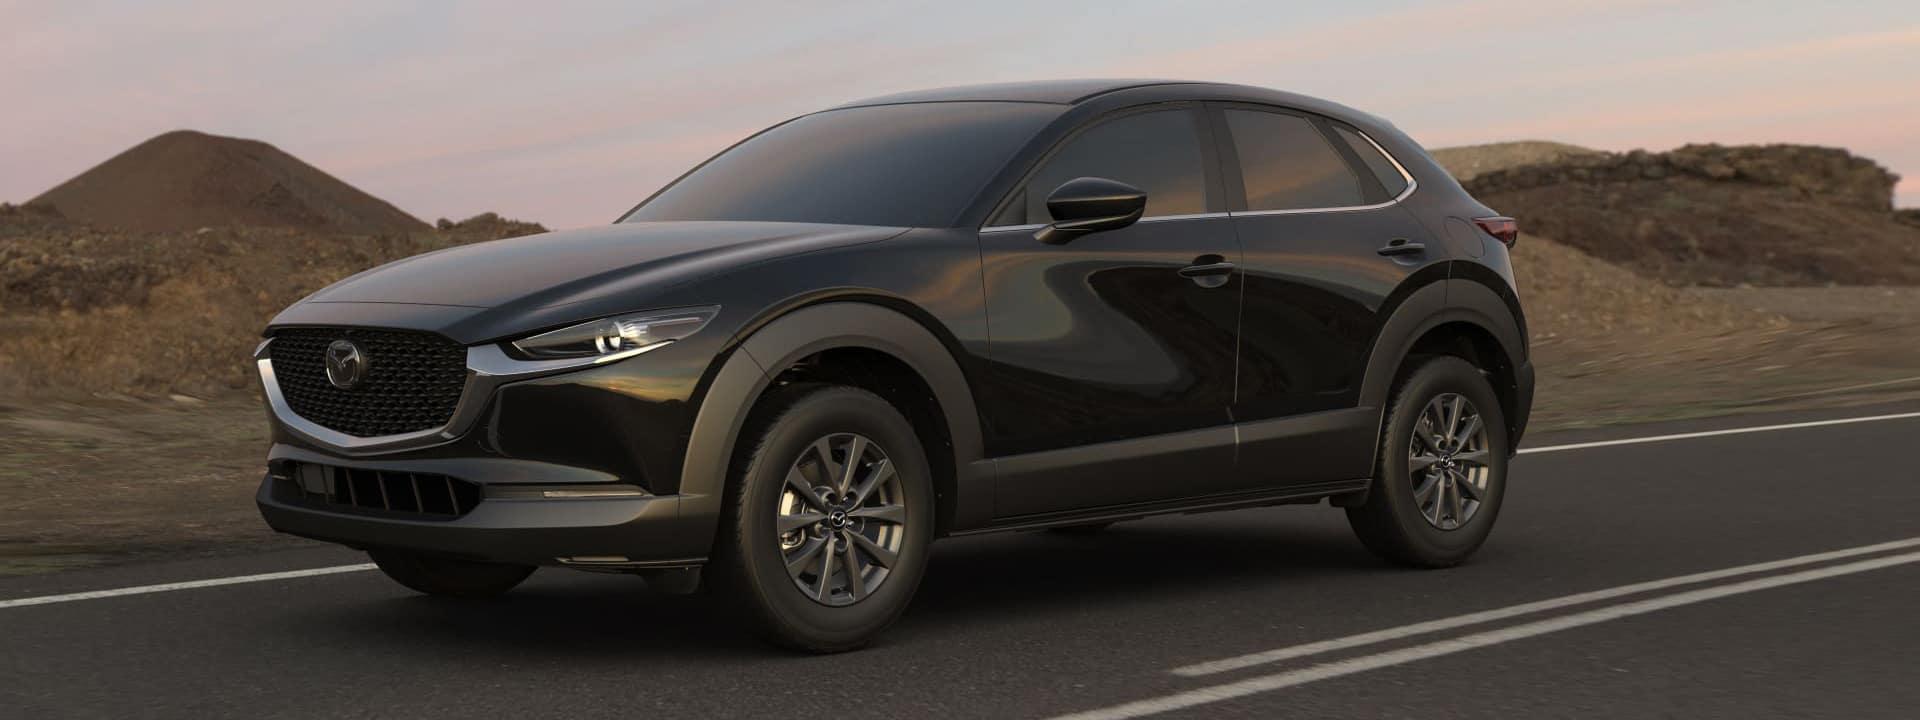 Mazda CX-30 For Sale in Oklahoma city